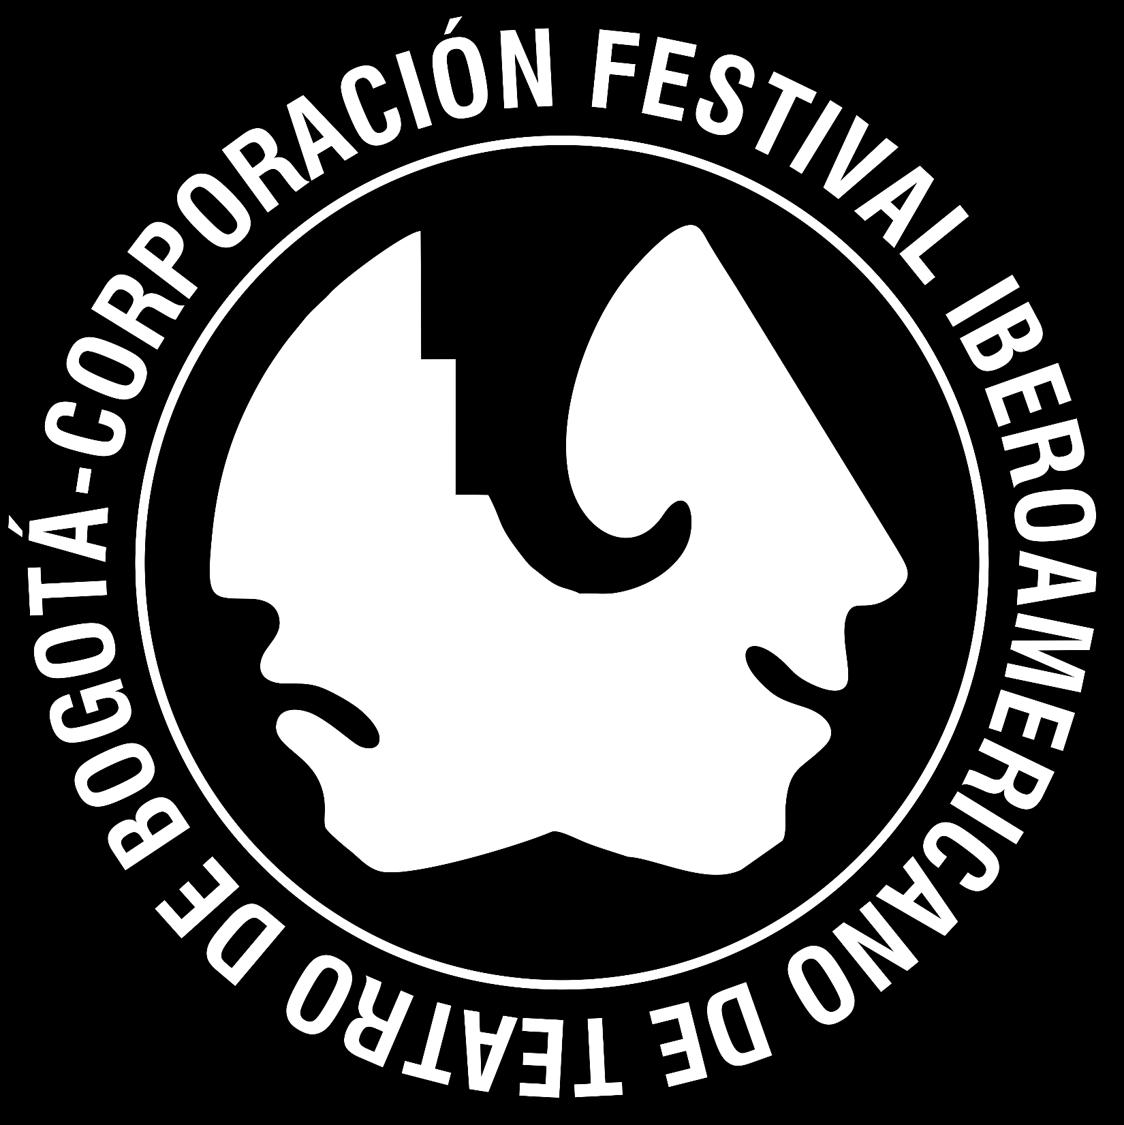 Corporación Festival Iberoamericano de Teatro de Bogotá